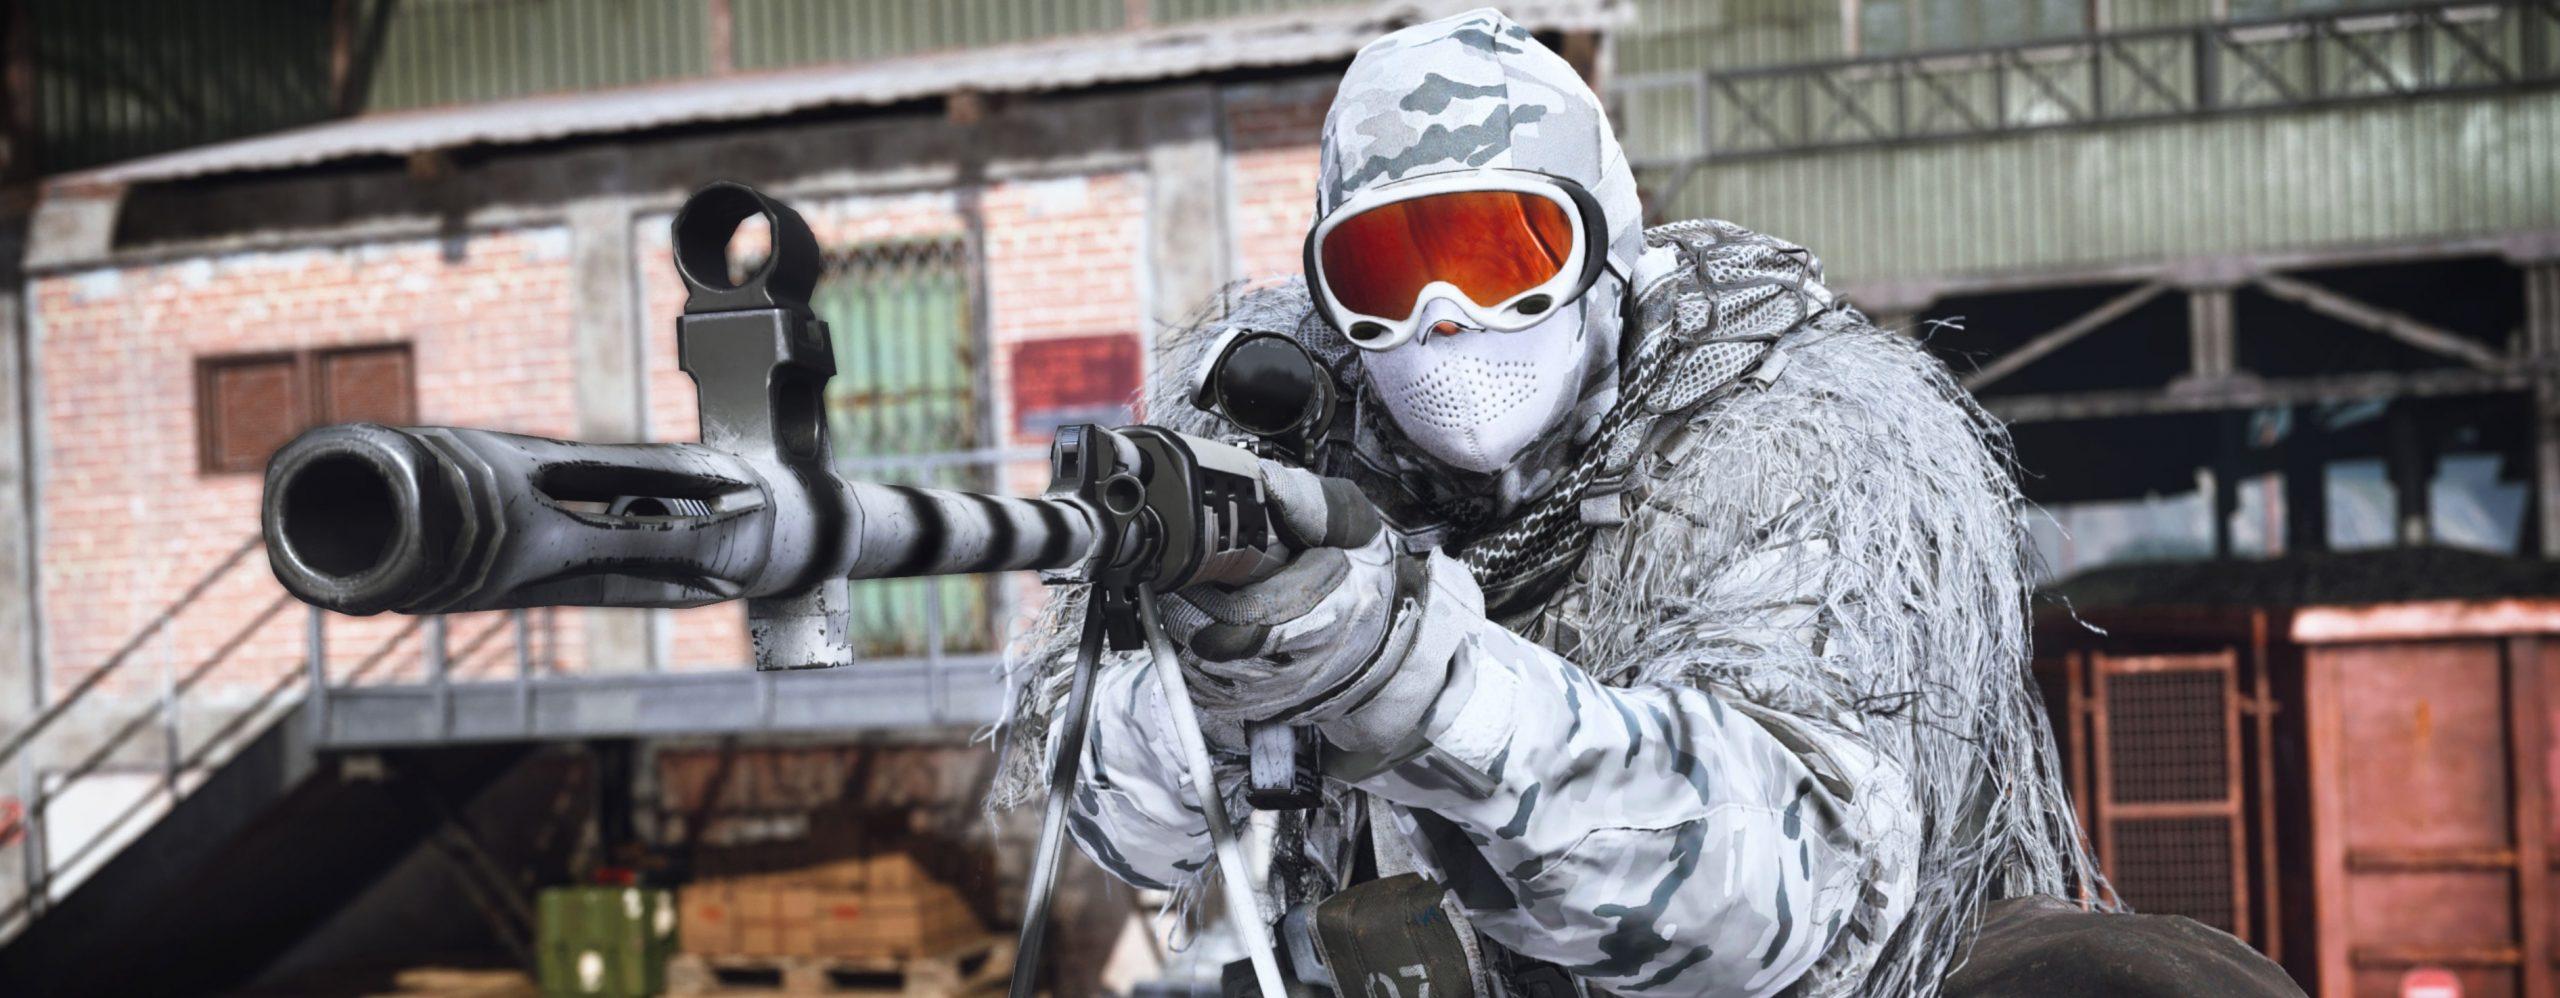 CoD Modern Warfare: Sniper nageln Spieler fest, der erledigt sie Hollywood-reif